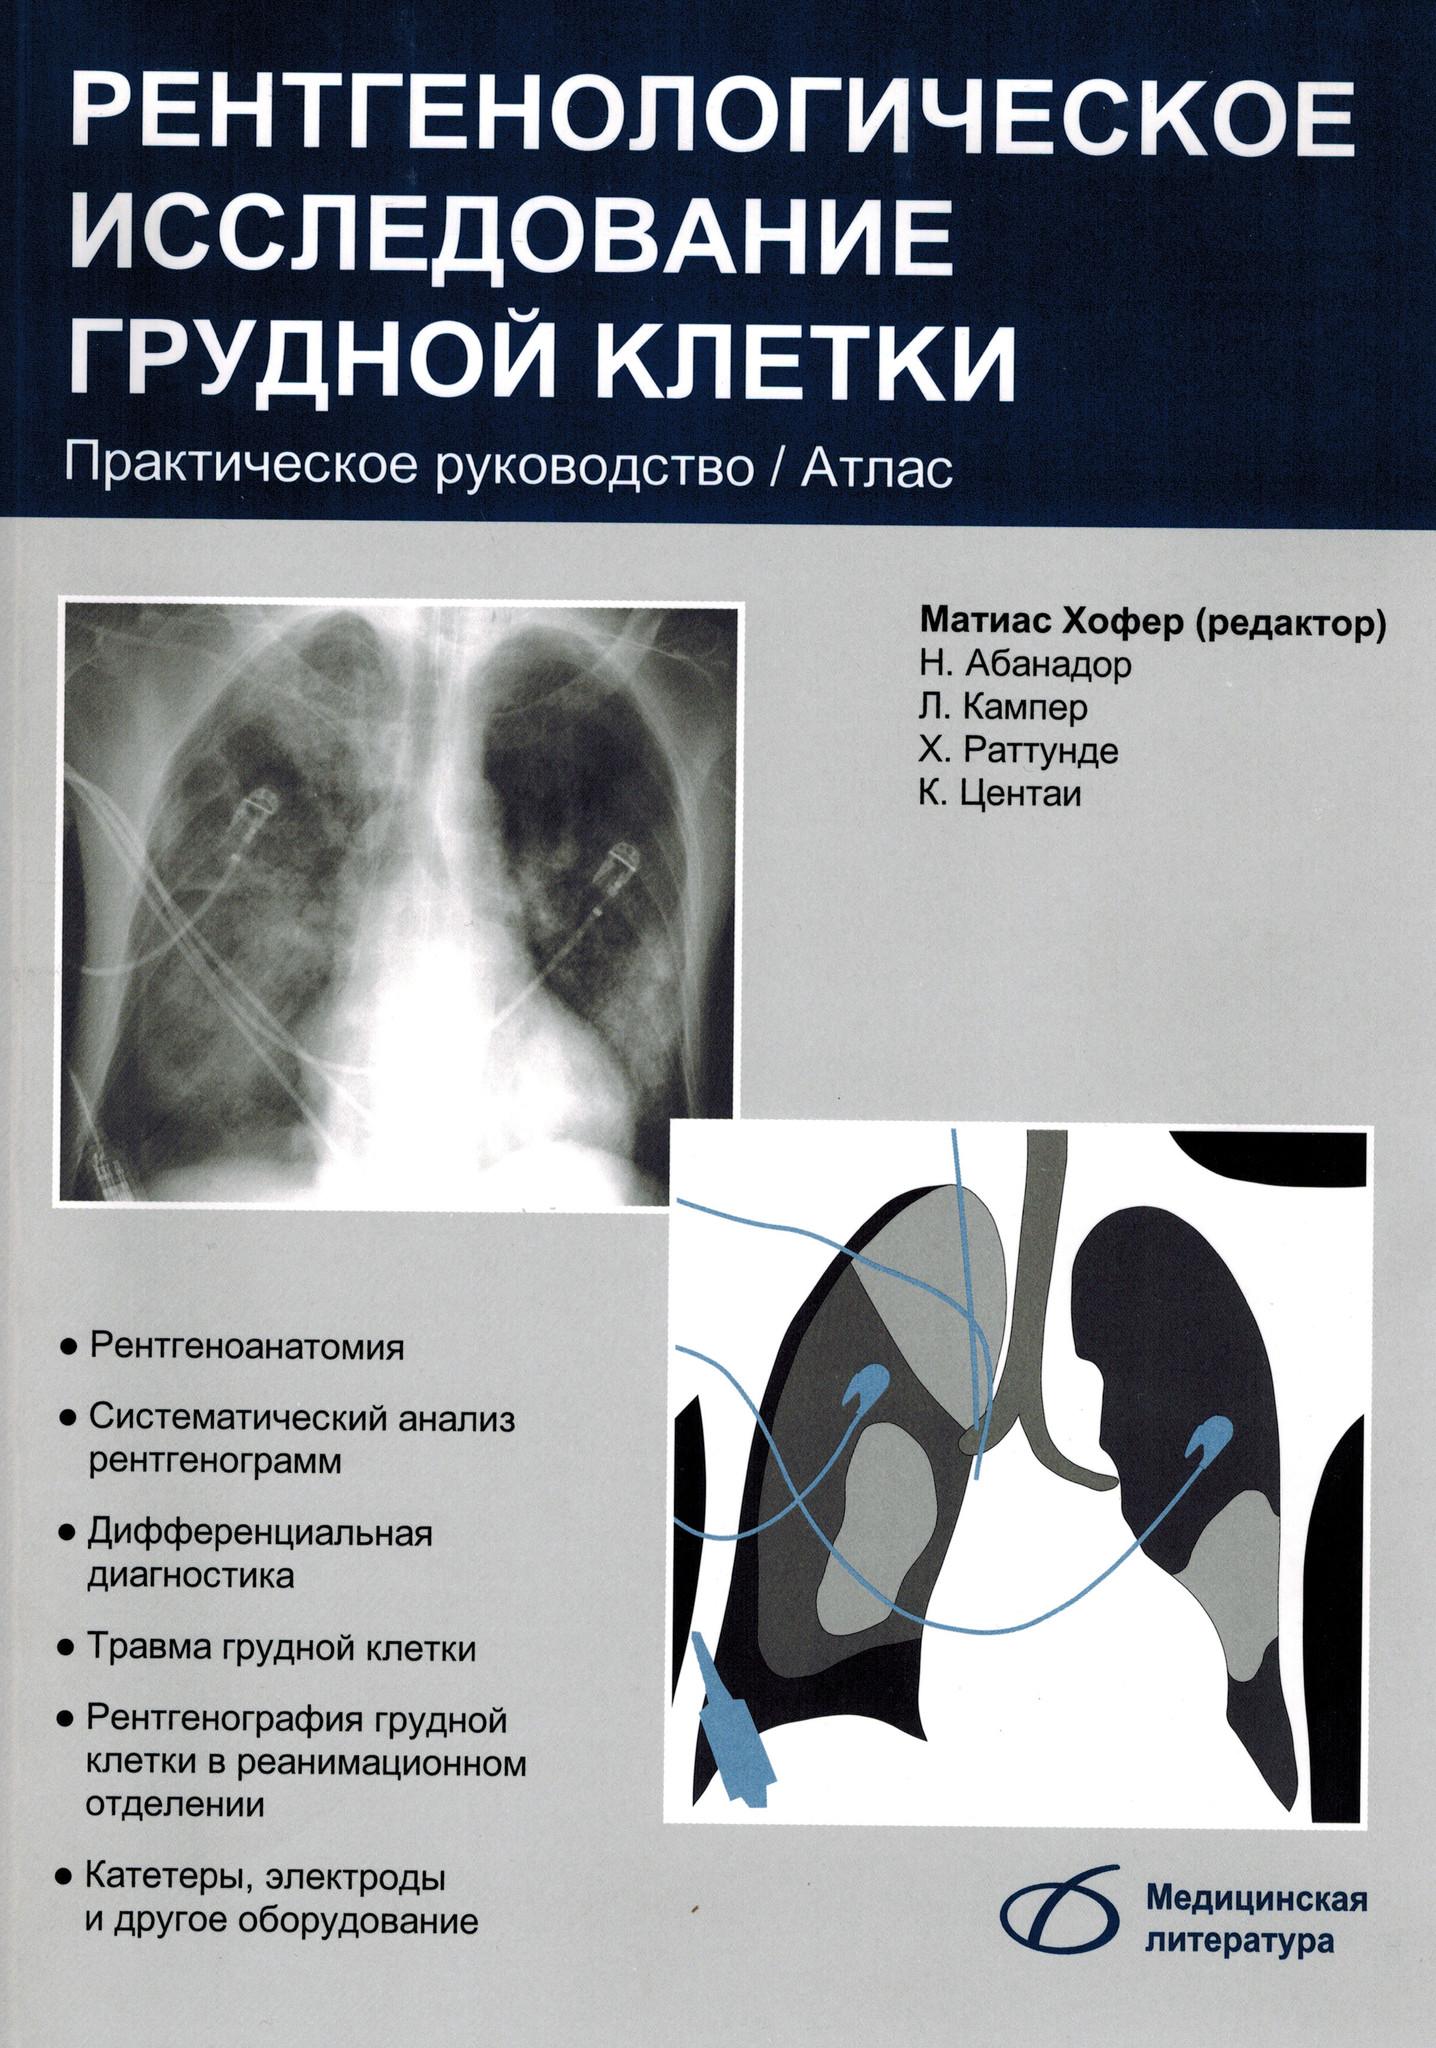 Каталог Рентгенологическое исследование грудной клетки rigk.jpg